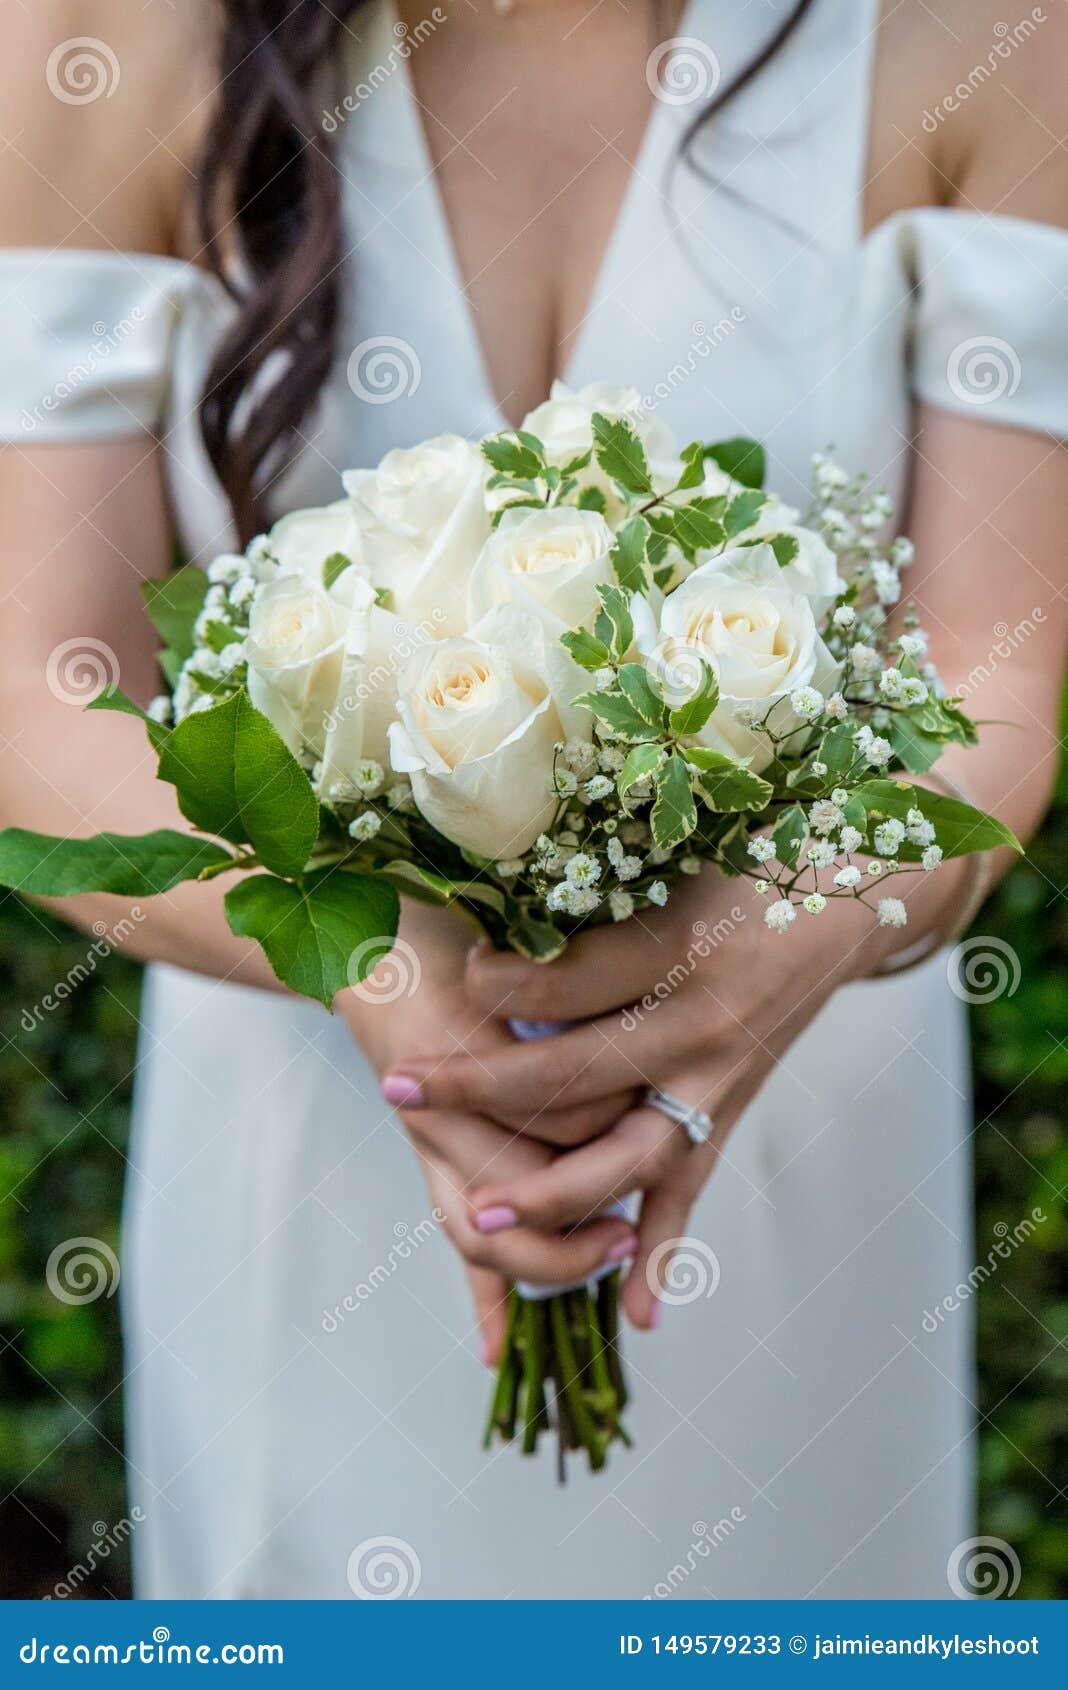 Mooie die wit nam boeket met de adem van de baby door een bruid met donker haar wordt gehouden die een witte huwelijkskleding en